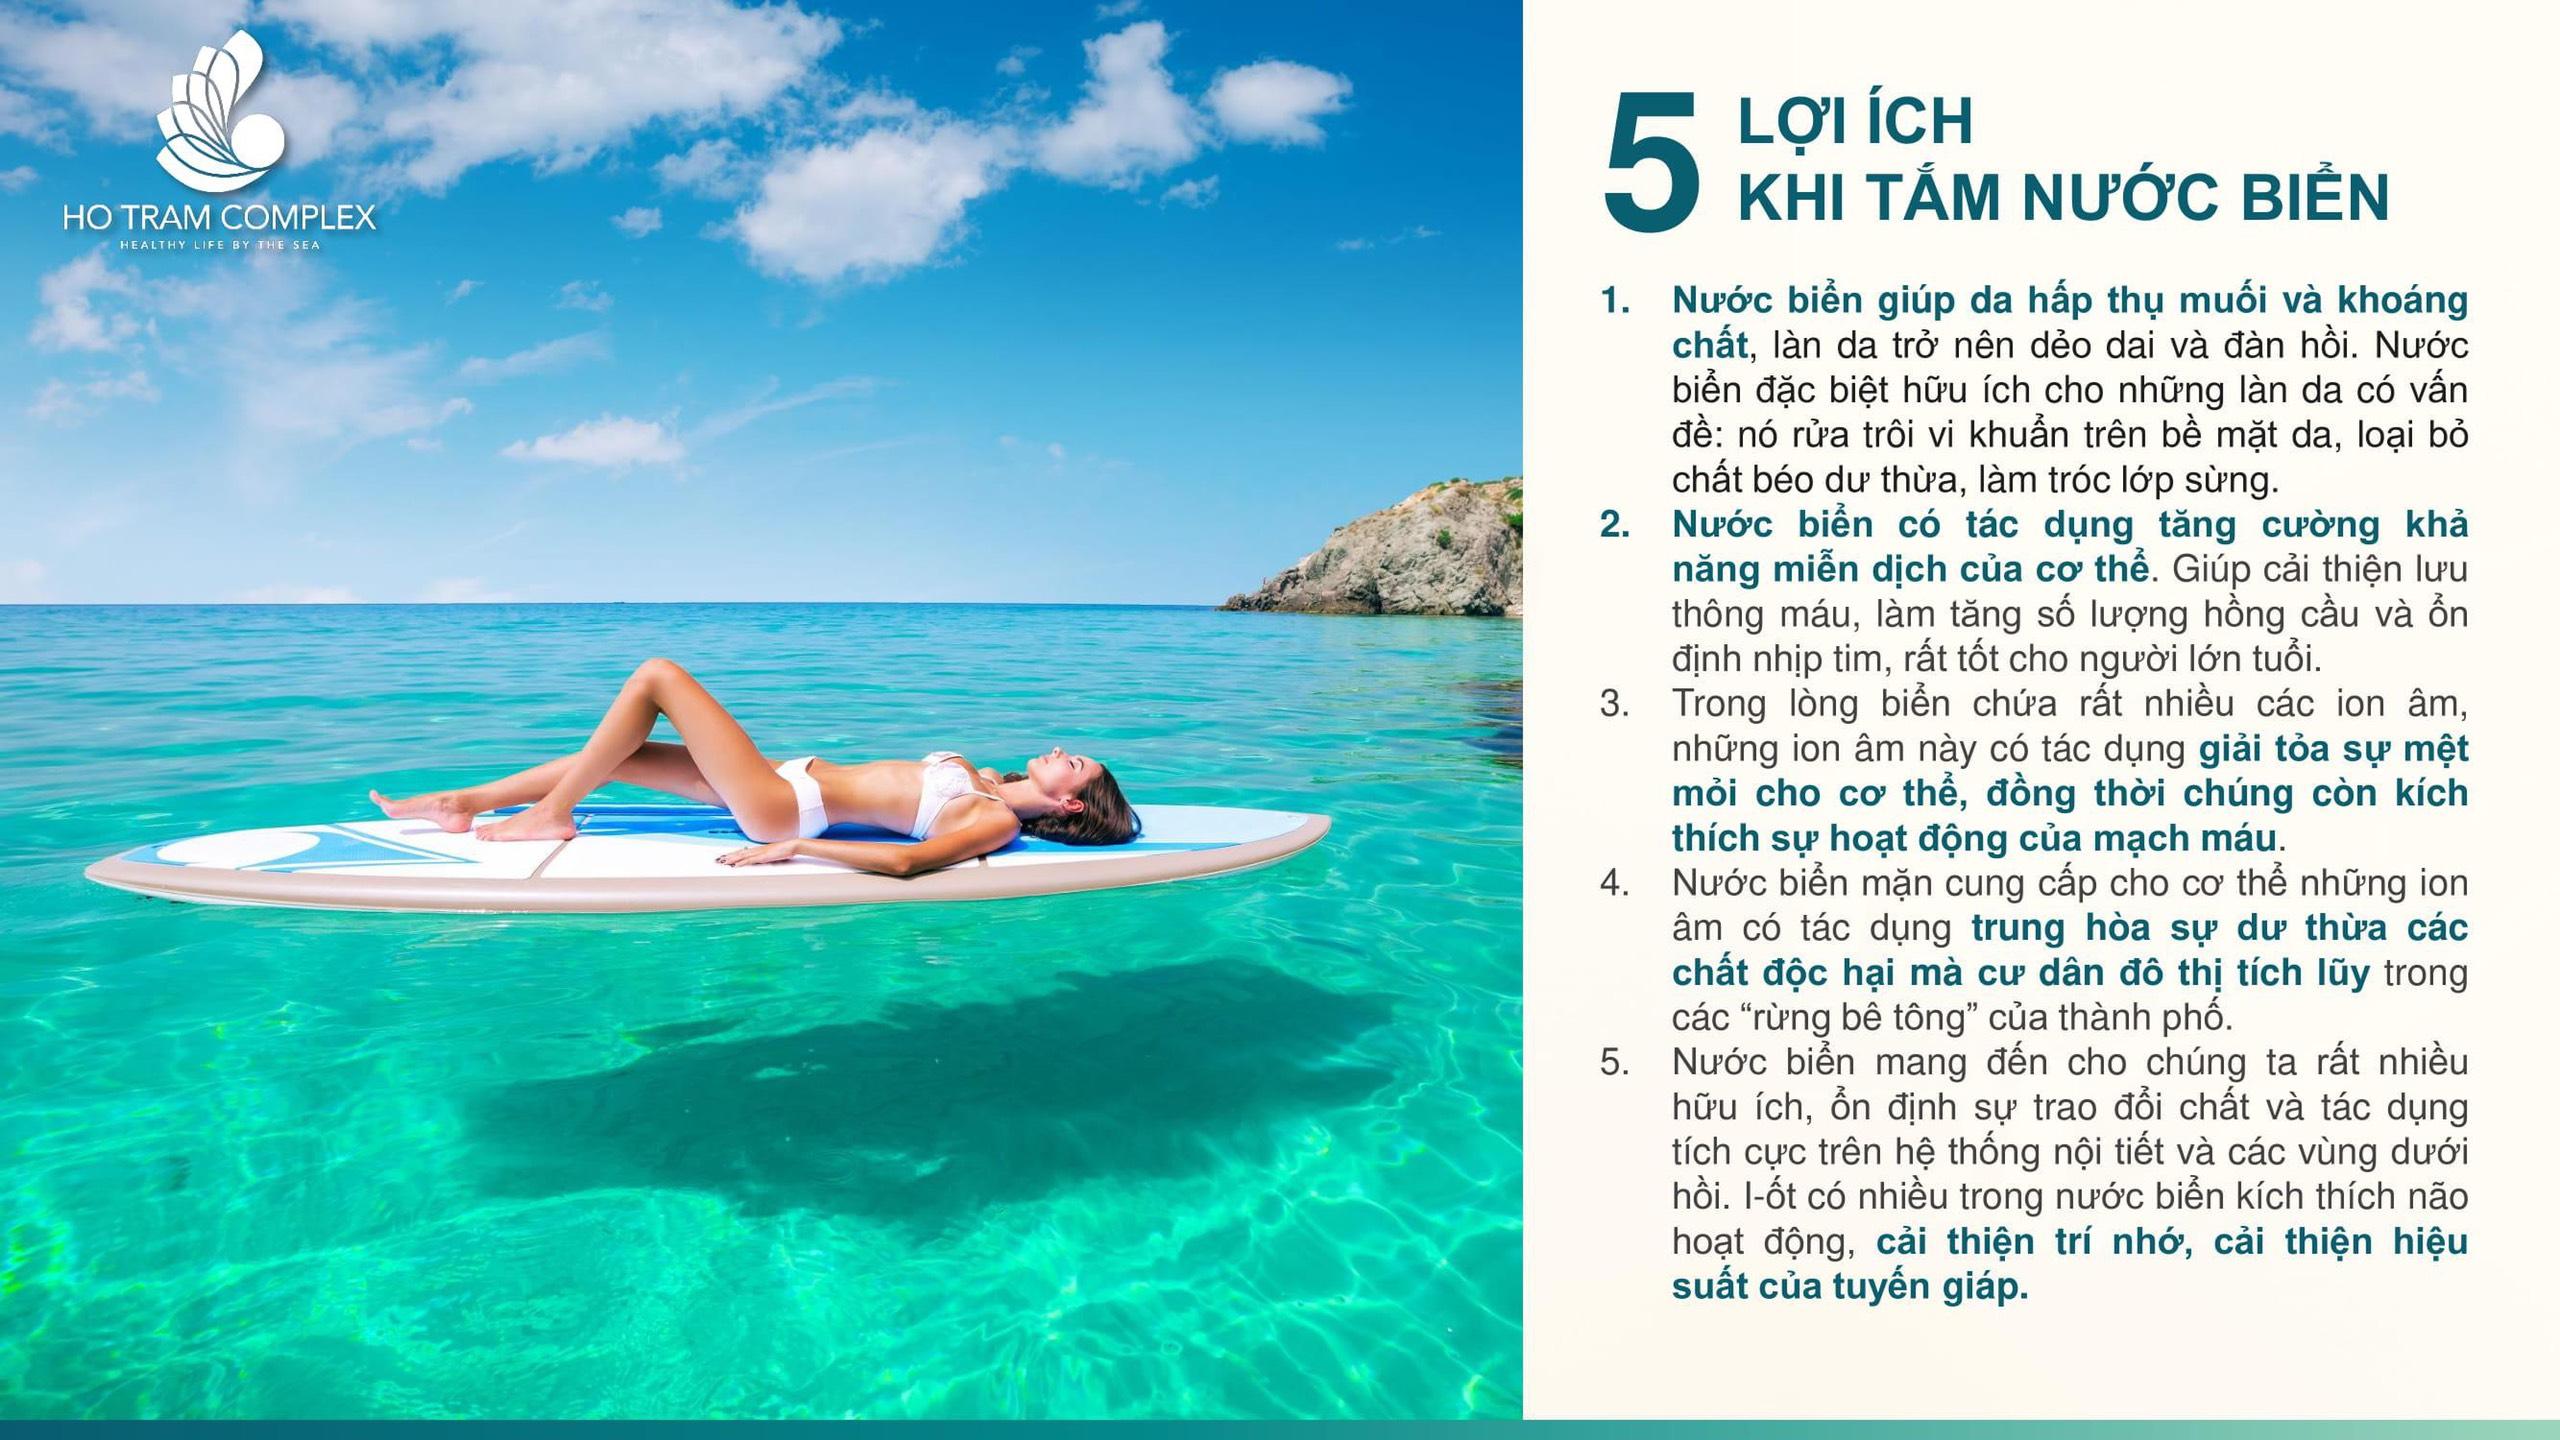 5 lợi ích từ việc tắm biển - Căn hộ Hồ Tràm Complex